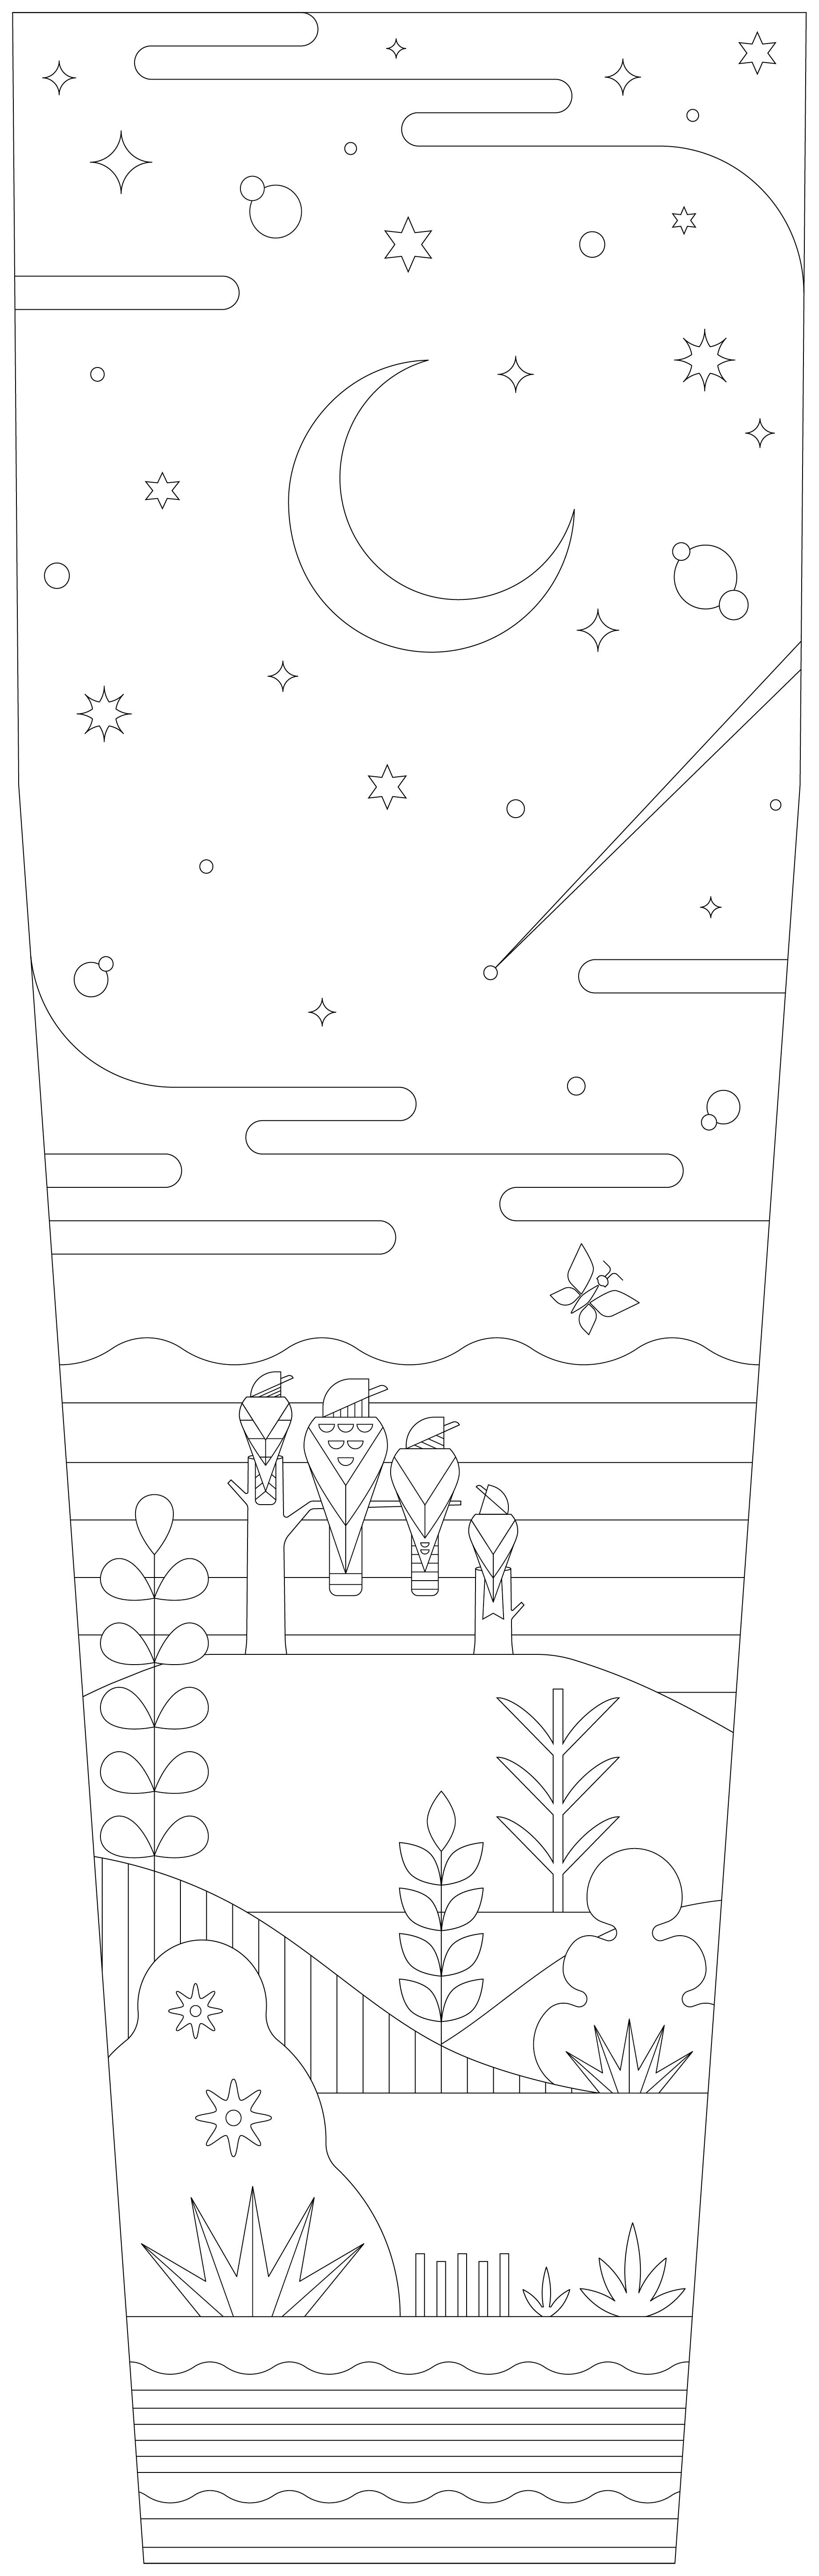 Illustratie Sterrenkijken met dieren - vogels Kleurjekist